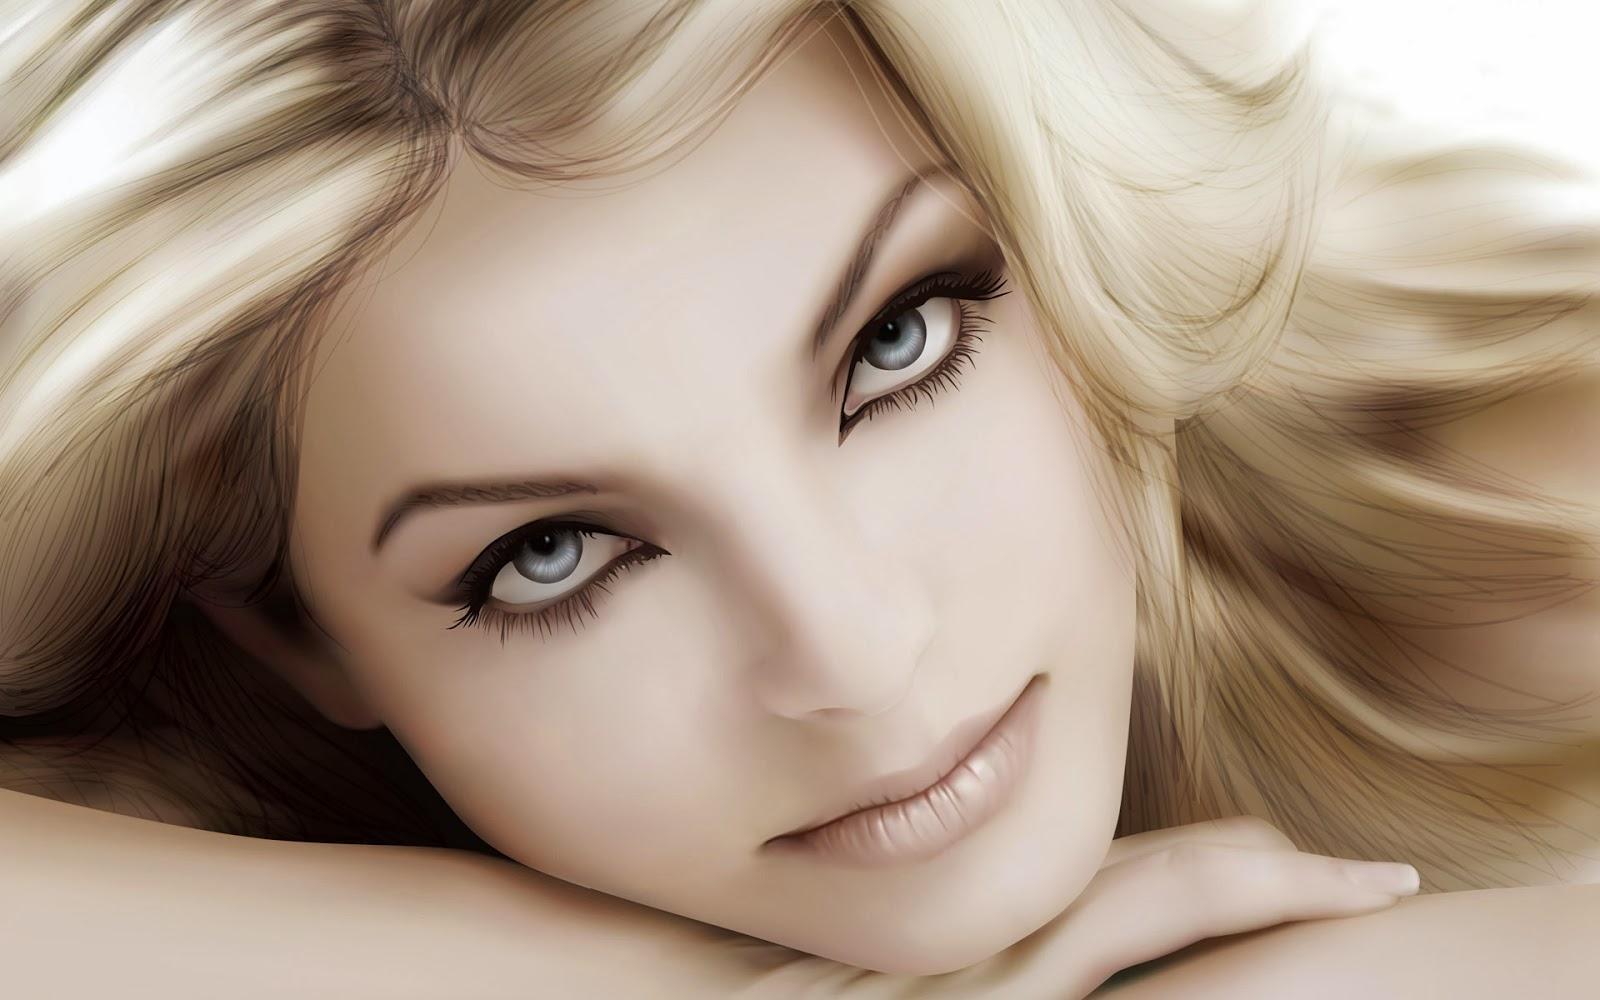 بالصور صور اجمل بنات في العالم , صور بنات جميلات من كل مكان فى العالم 3291 14